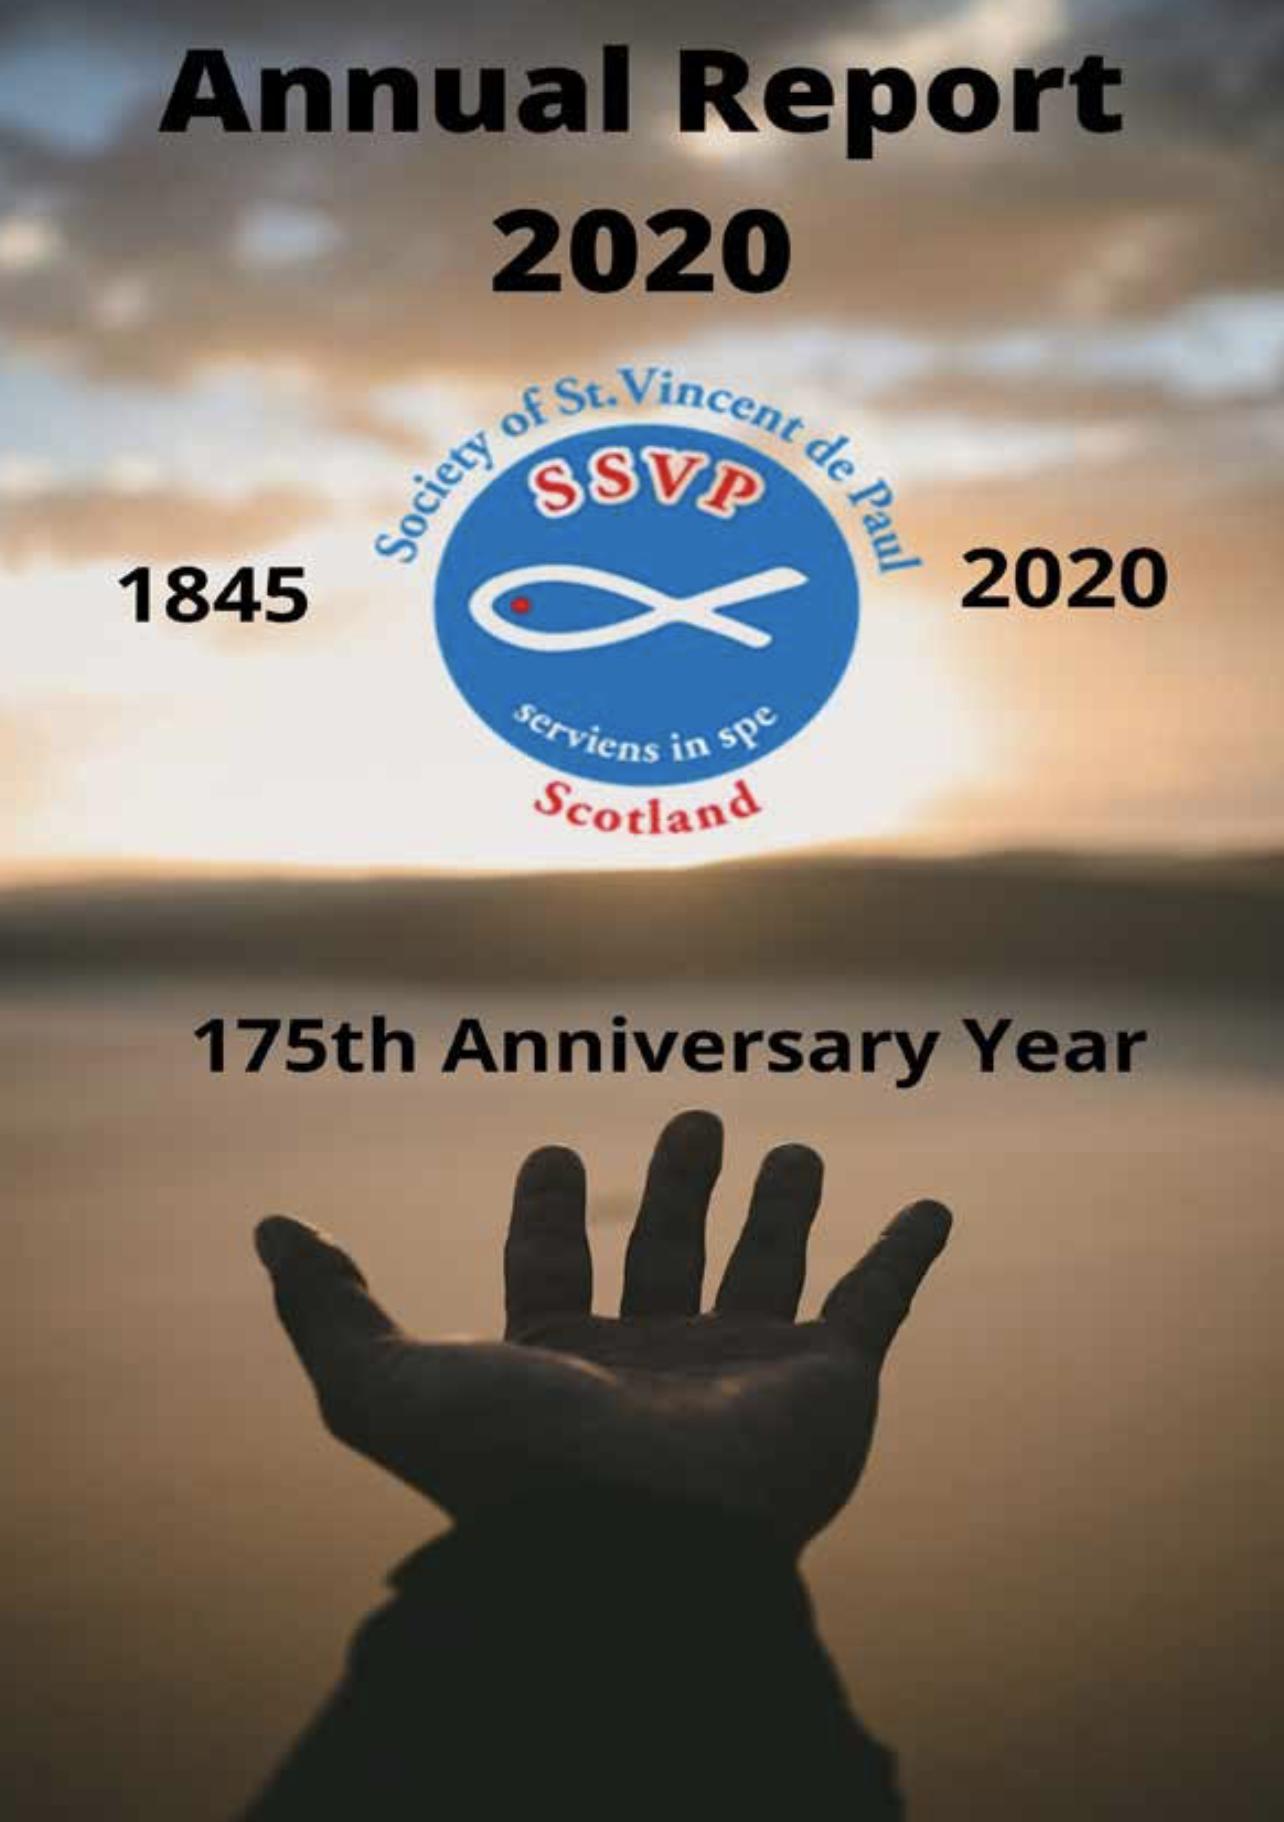 SSVP Annual Report 2020